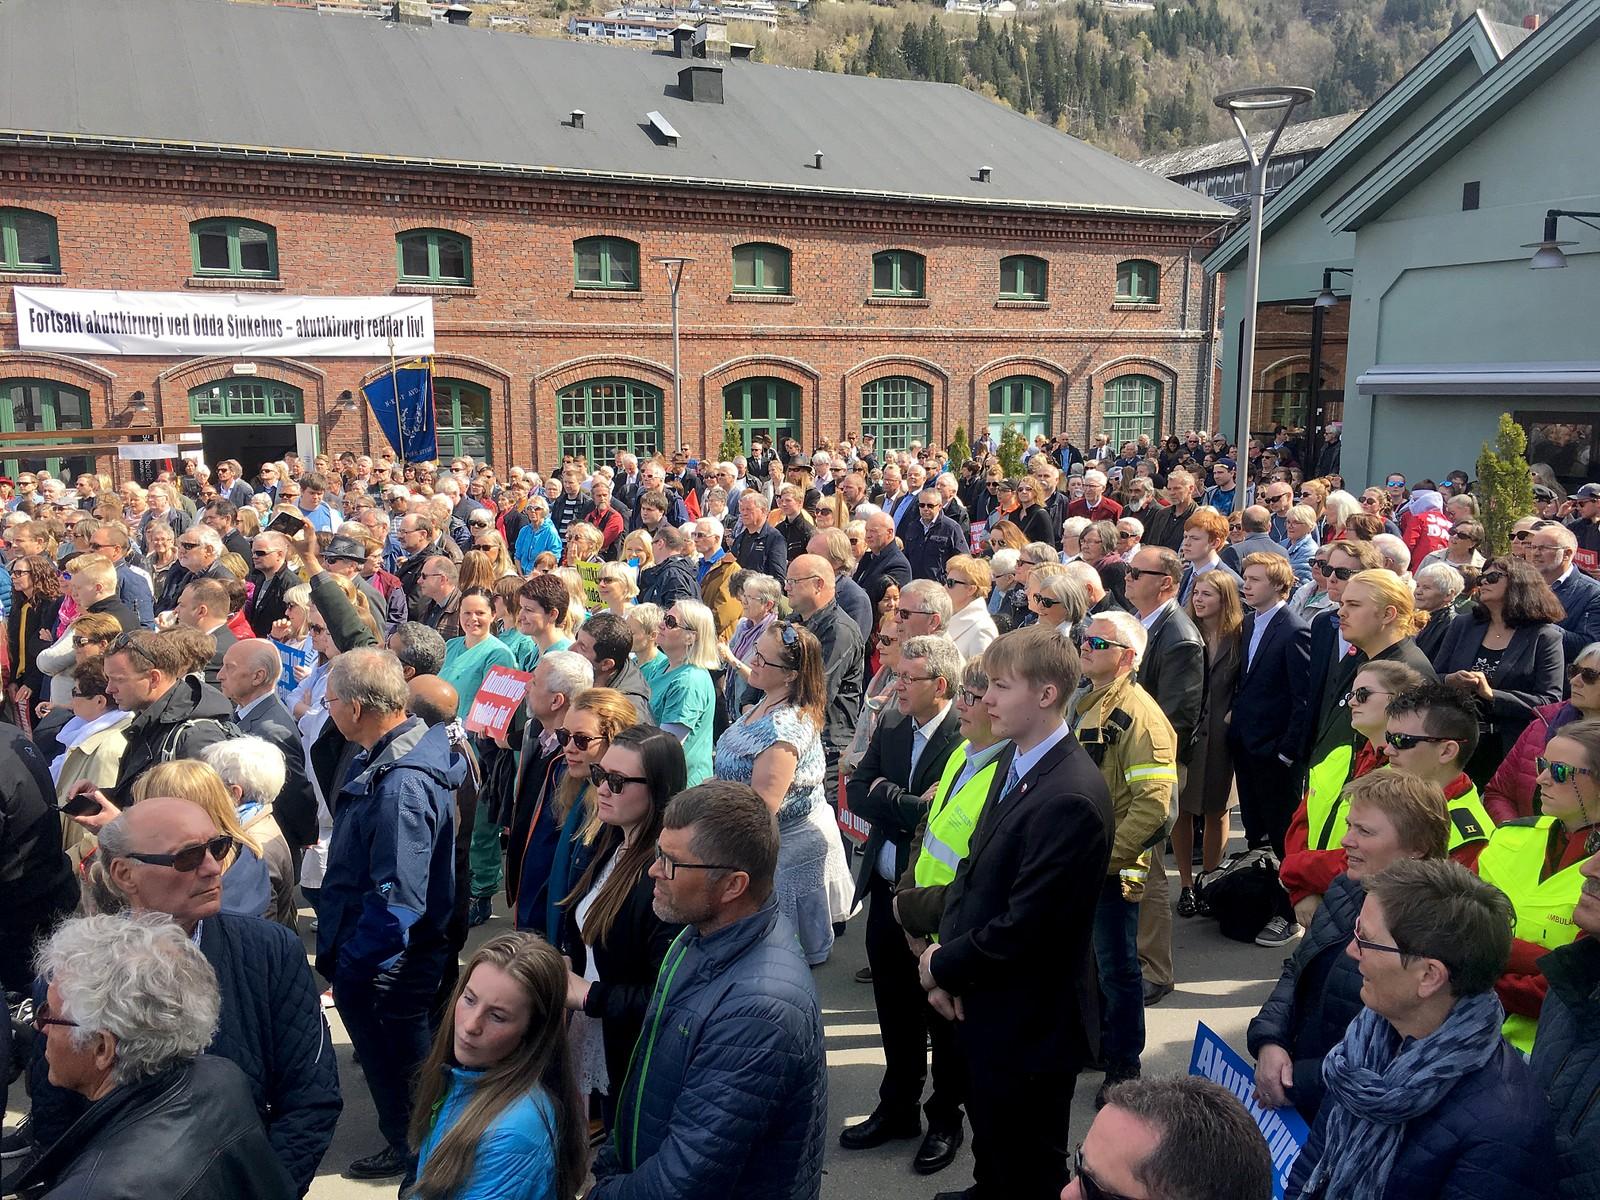 Arrangørene håpte på forhånd på rekordoppmøte for 1. mai. Her er folket samlet på Lindeplassen før avgang for toget.